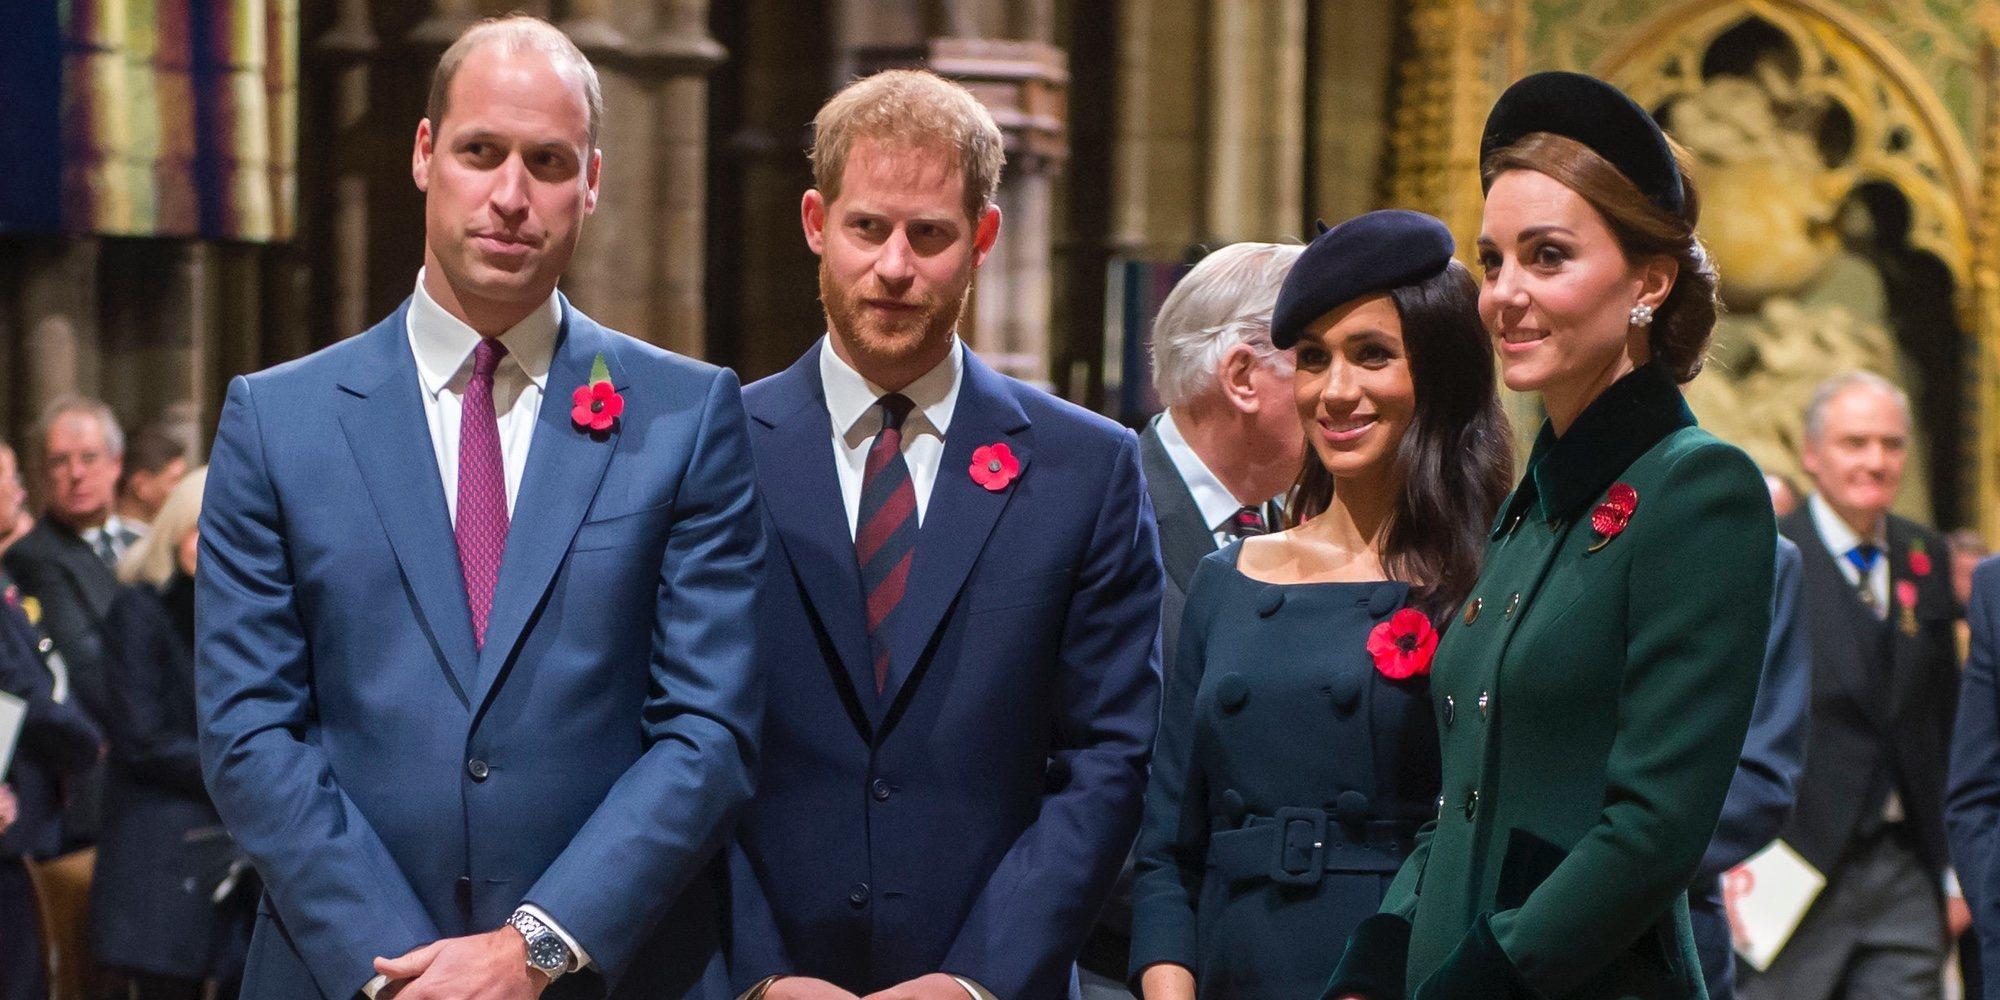 Del consejo mal entendido del Príncipe Guillermo al Príncipe Harry al regalo de Kate Middleton que Meghan Markle no aceptó